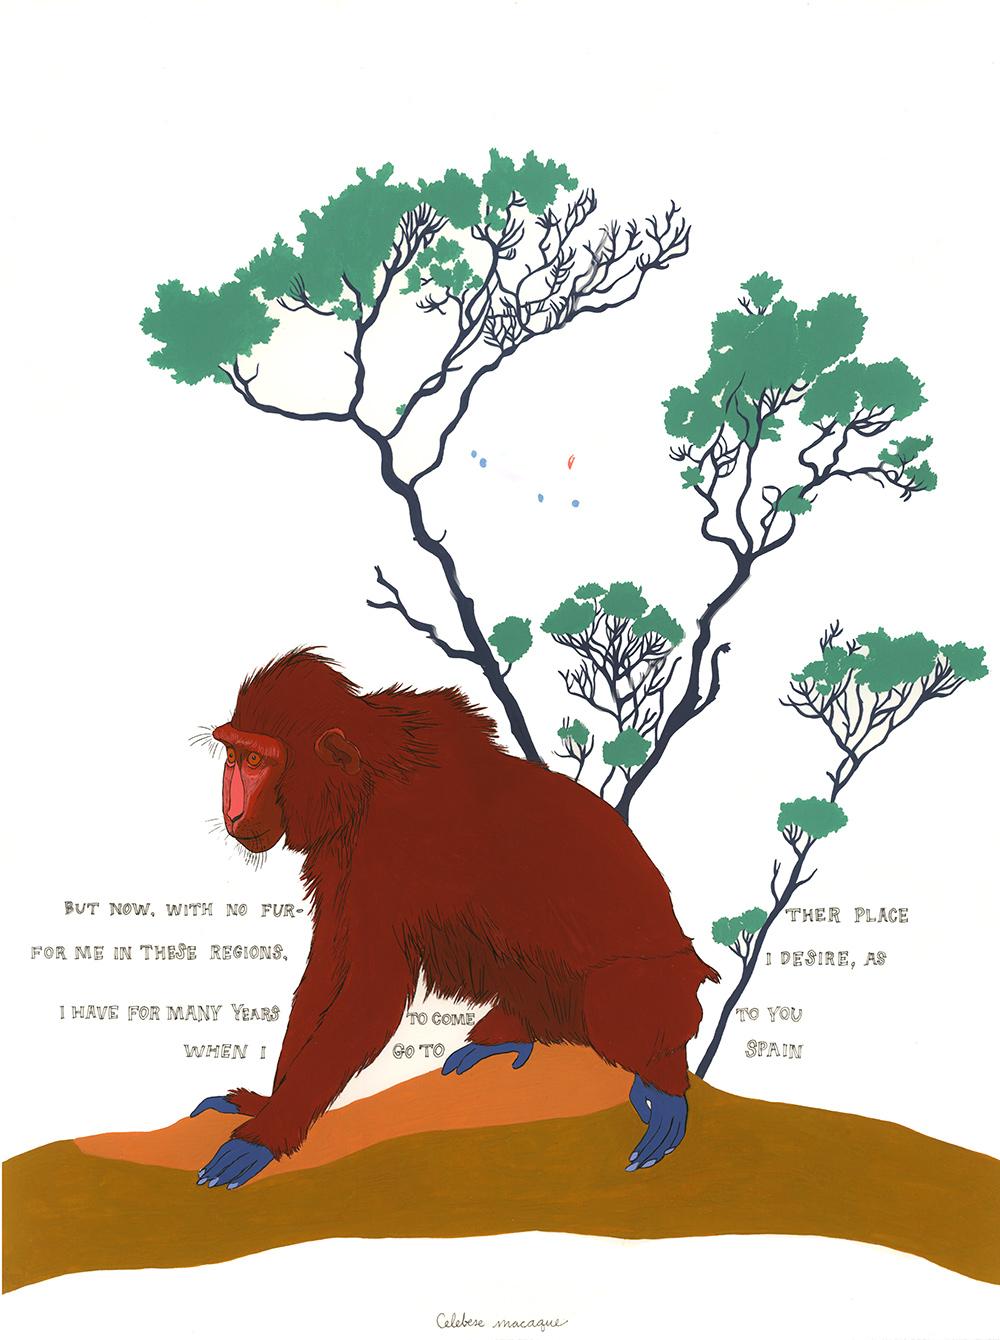 Celebese Macaque